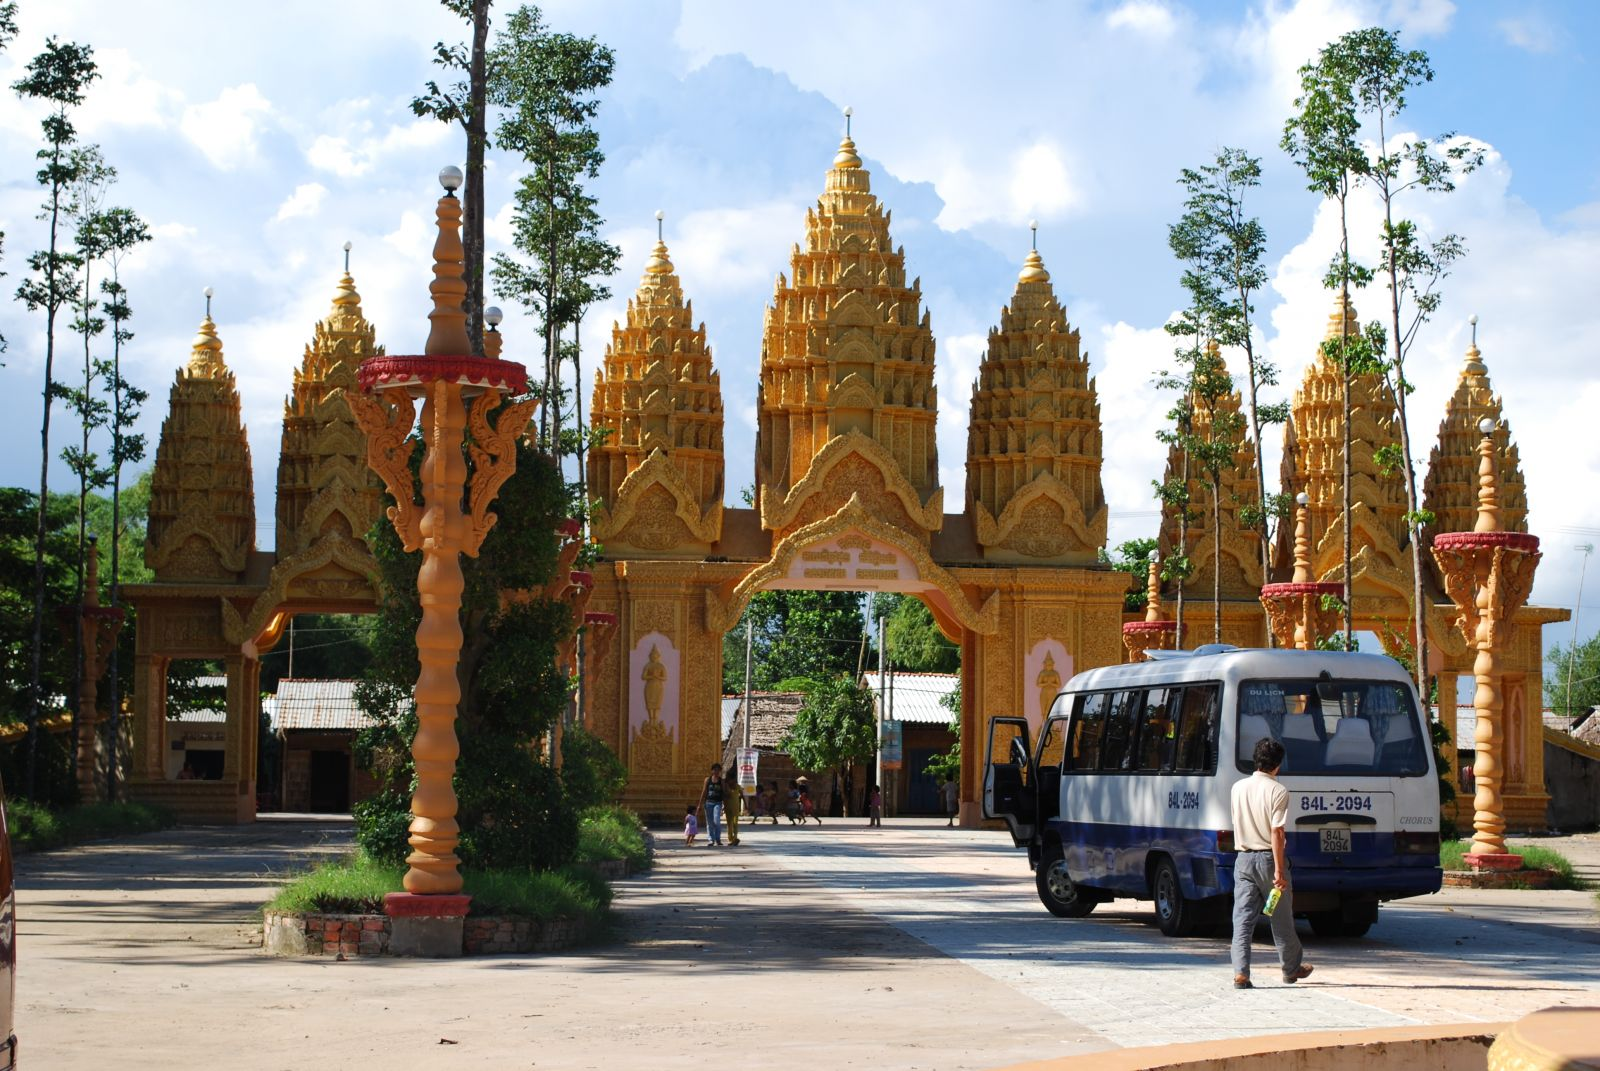 Trà Vinh có hơn 140 ngôi chùa Khmer, nơi bảo tồn nhiều di sản văn hóa dân tộc độc đáo